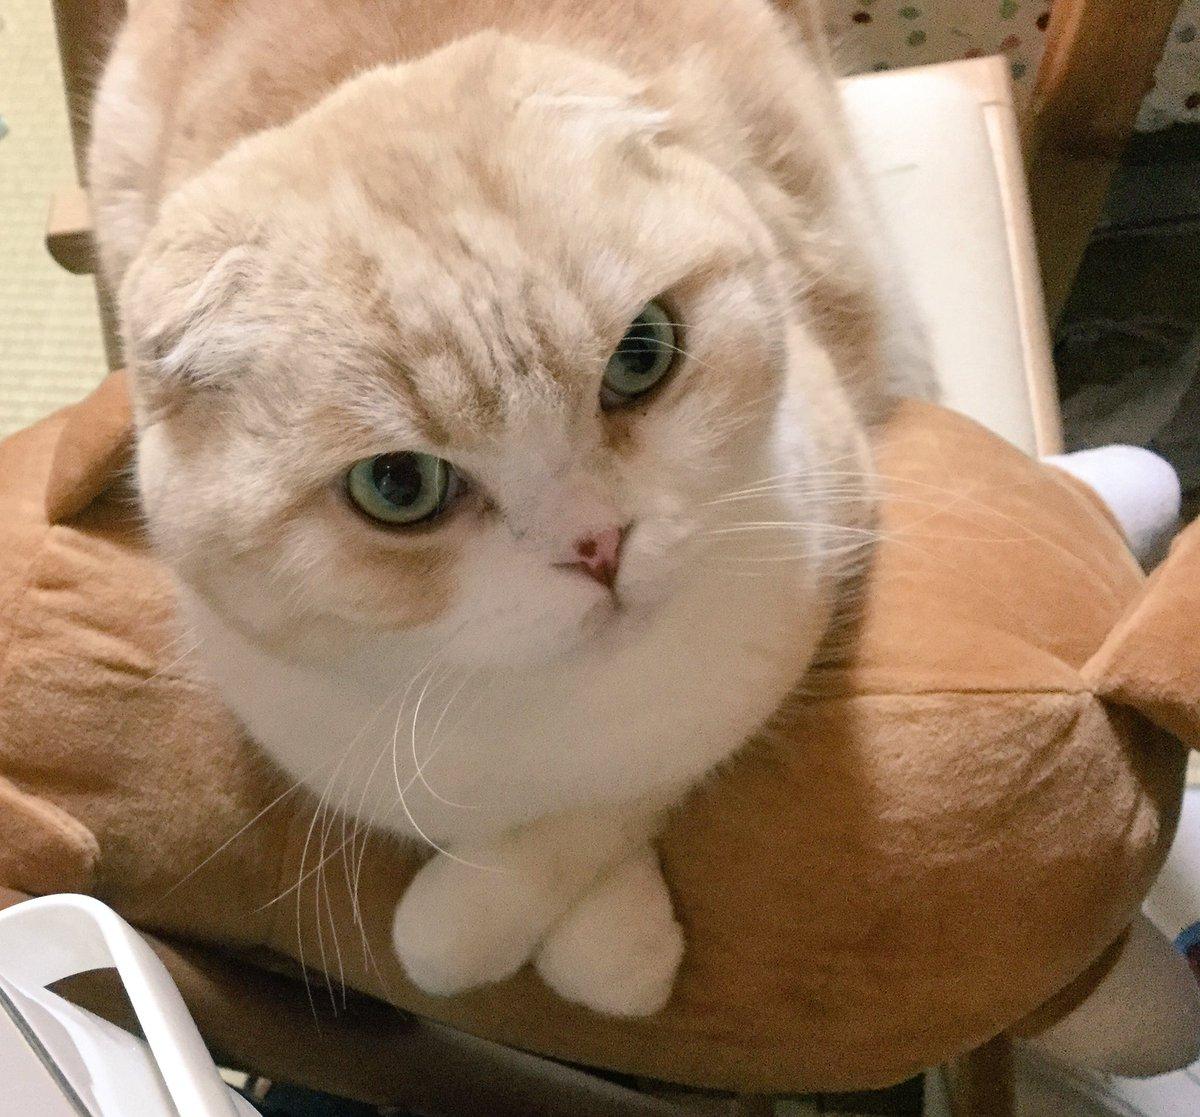 全然関係ないですが猫です。 https://t.co/bEaLYLBM1V